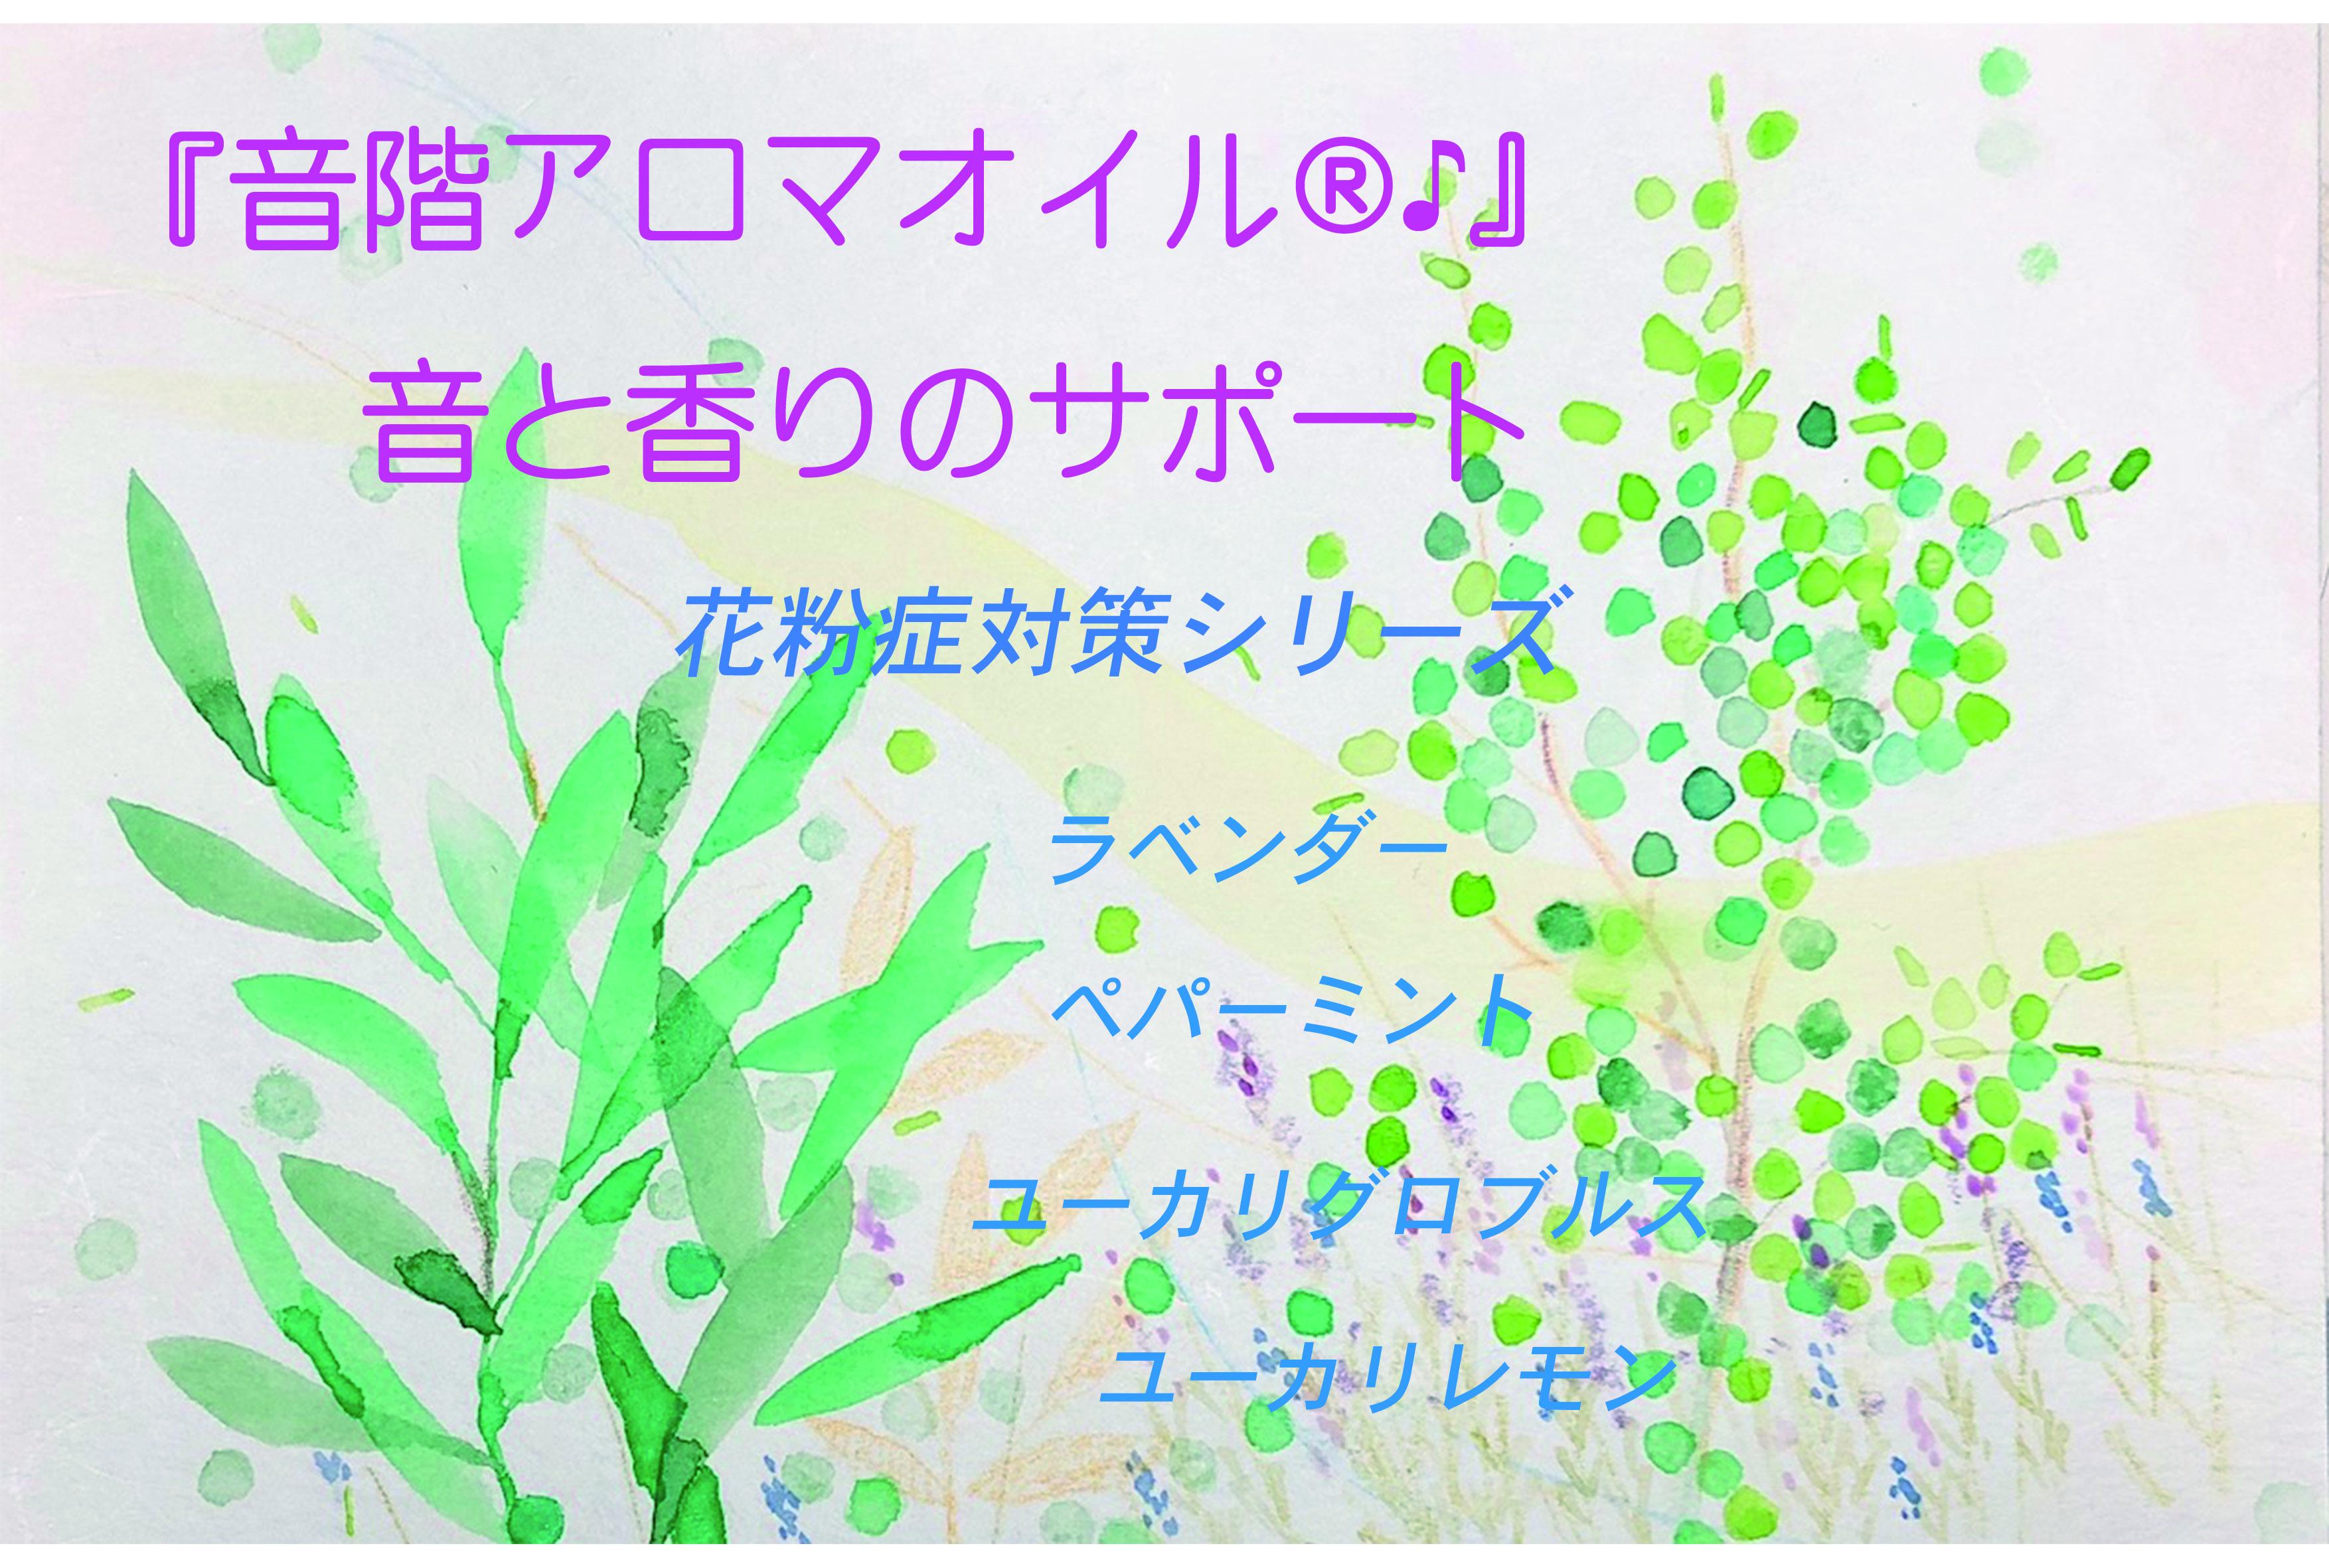 花粉症対策シリーズ!『音階アロマオイル®』音と香りの両方でサポート